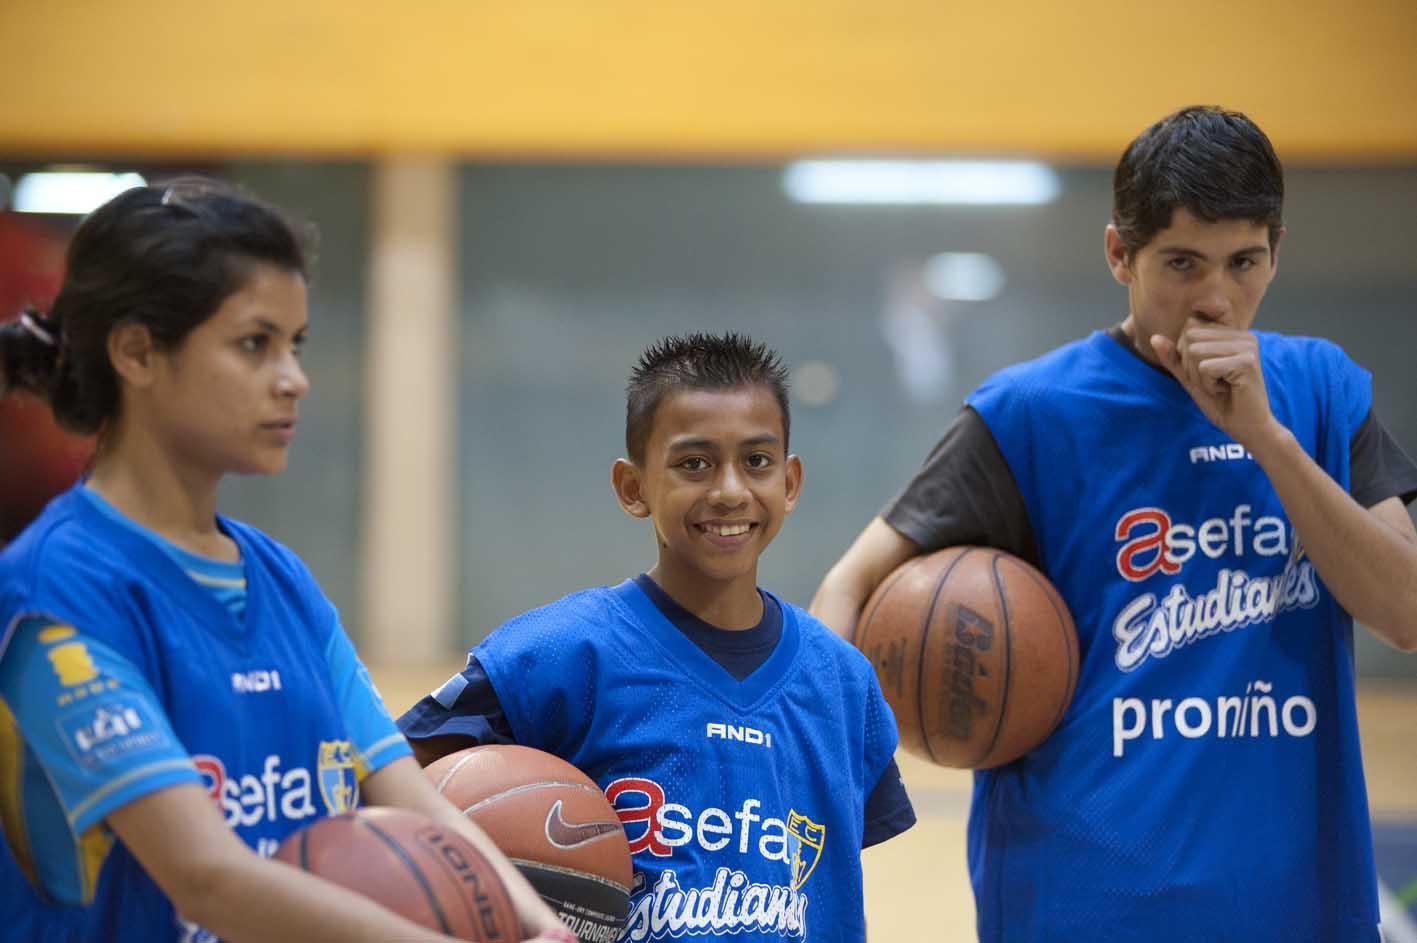 El objetivo de esta actividad es fomentar valores entre los más pequeños y trasmitirles la importancia de trabajar en equipo y llevar una vida activa y saludable.